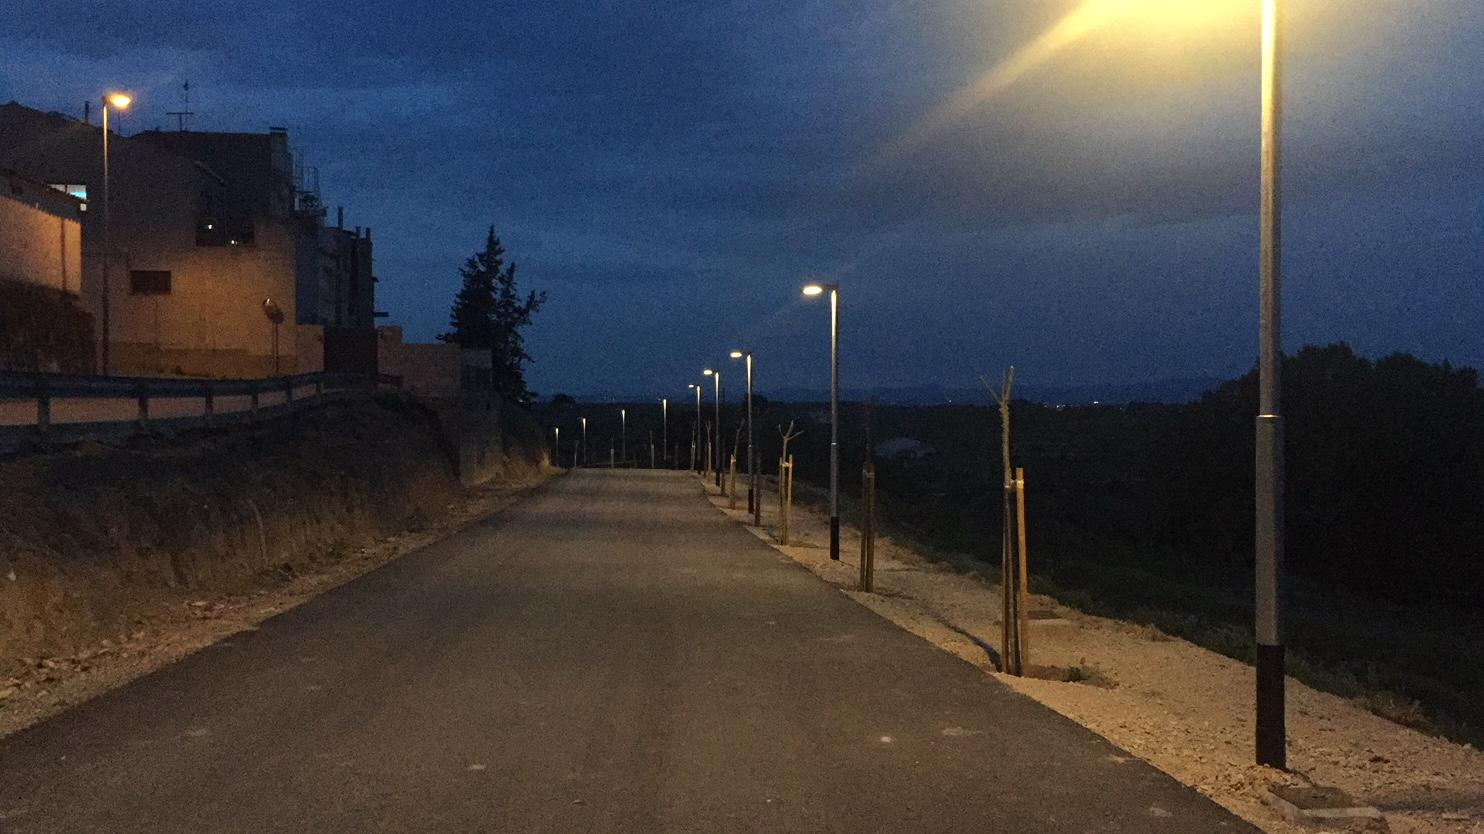 L'Ajuntament de les Borges instal·la enllumenat al Camí del Cementiri Vell